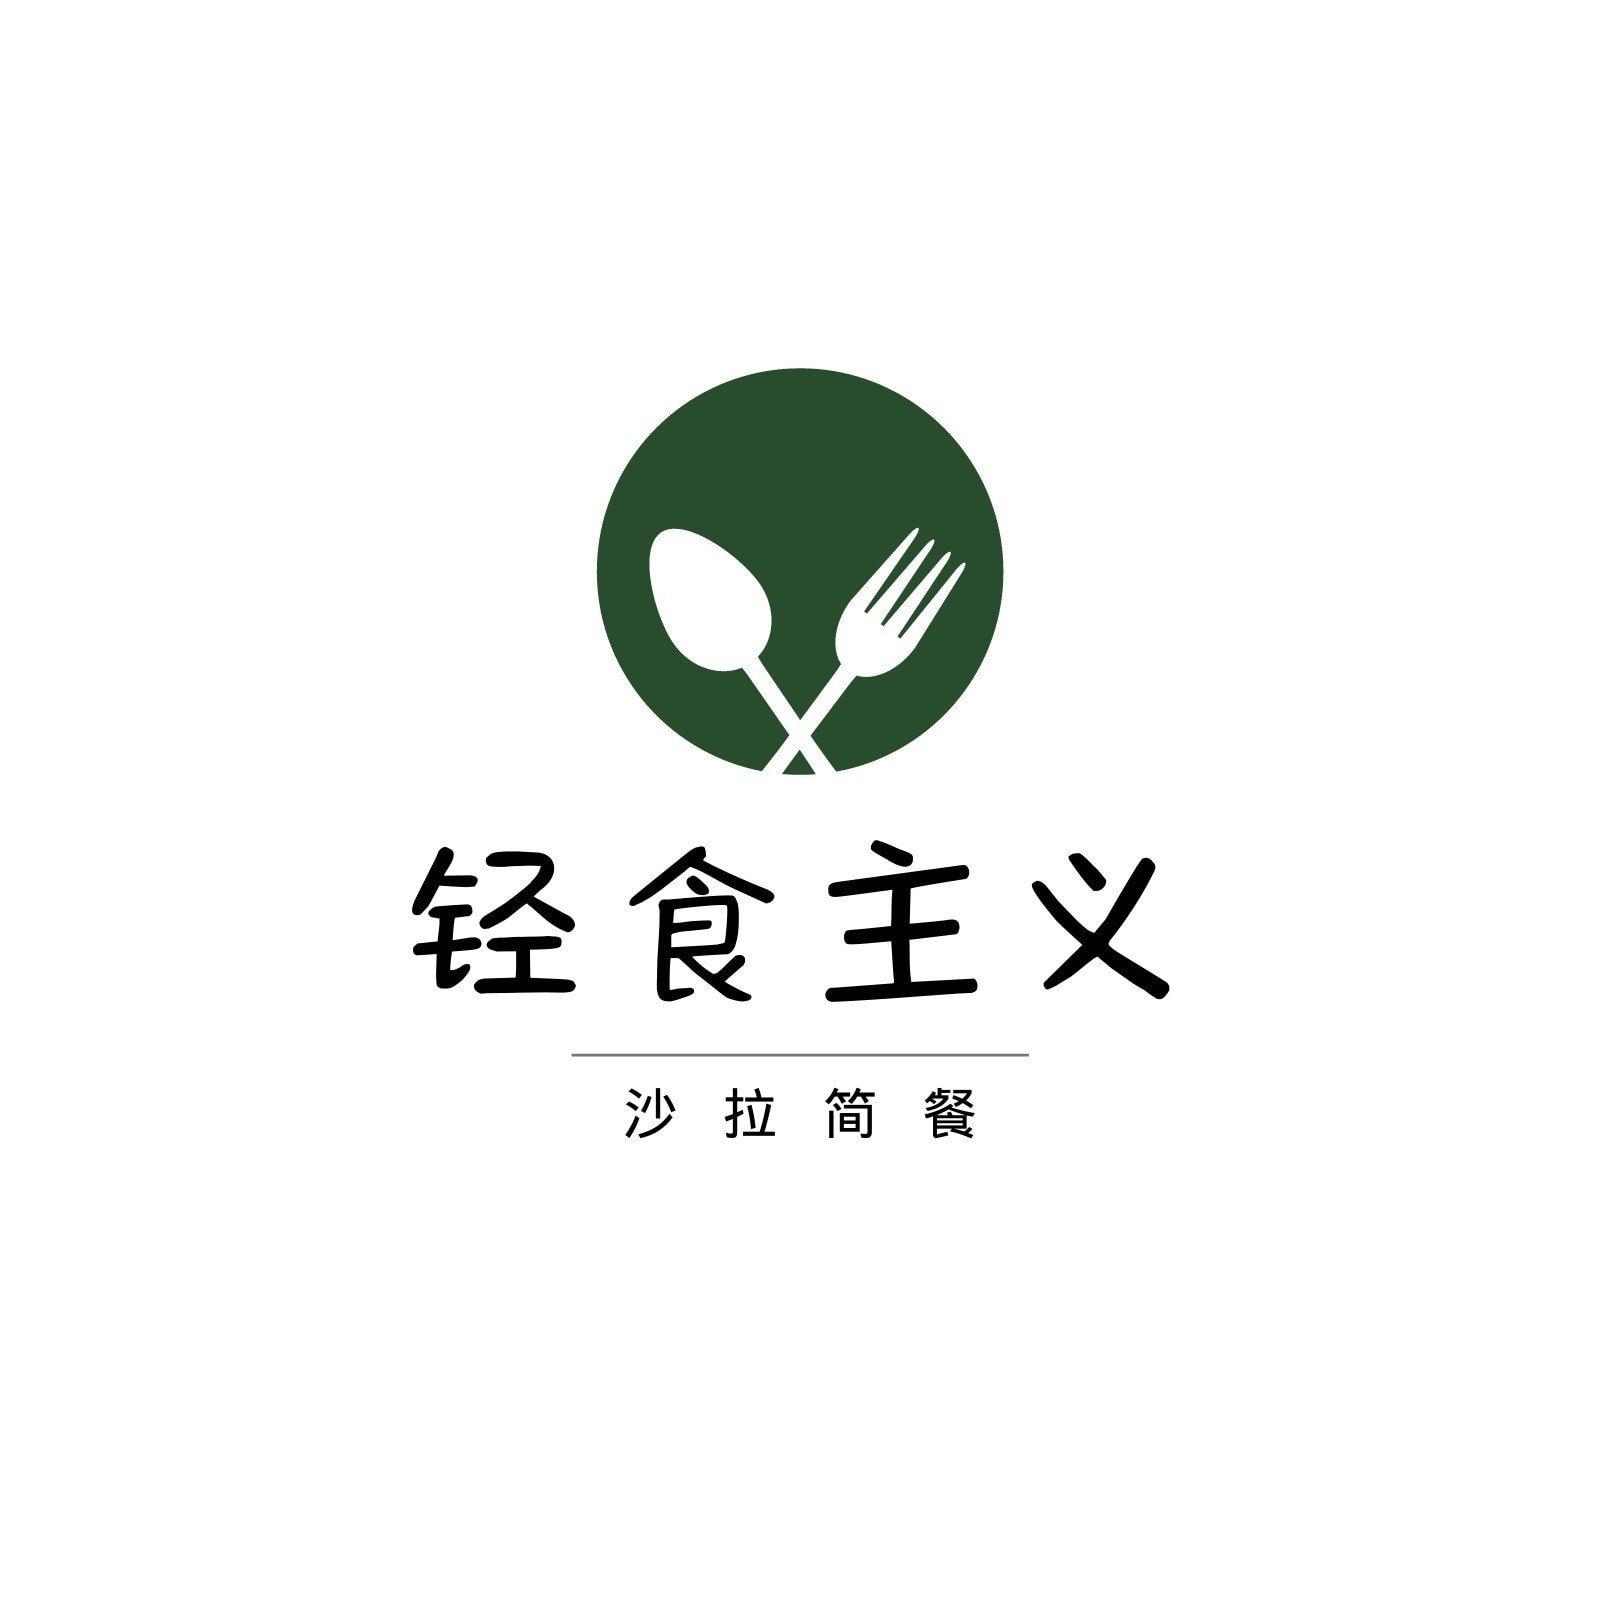 绿色餐具餐饮公司logo简约餐饮中文logo